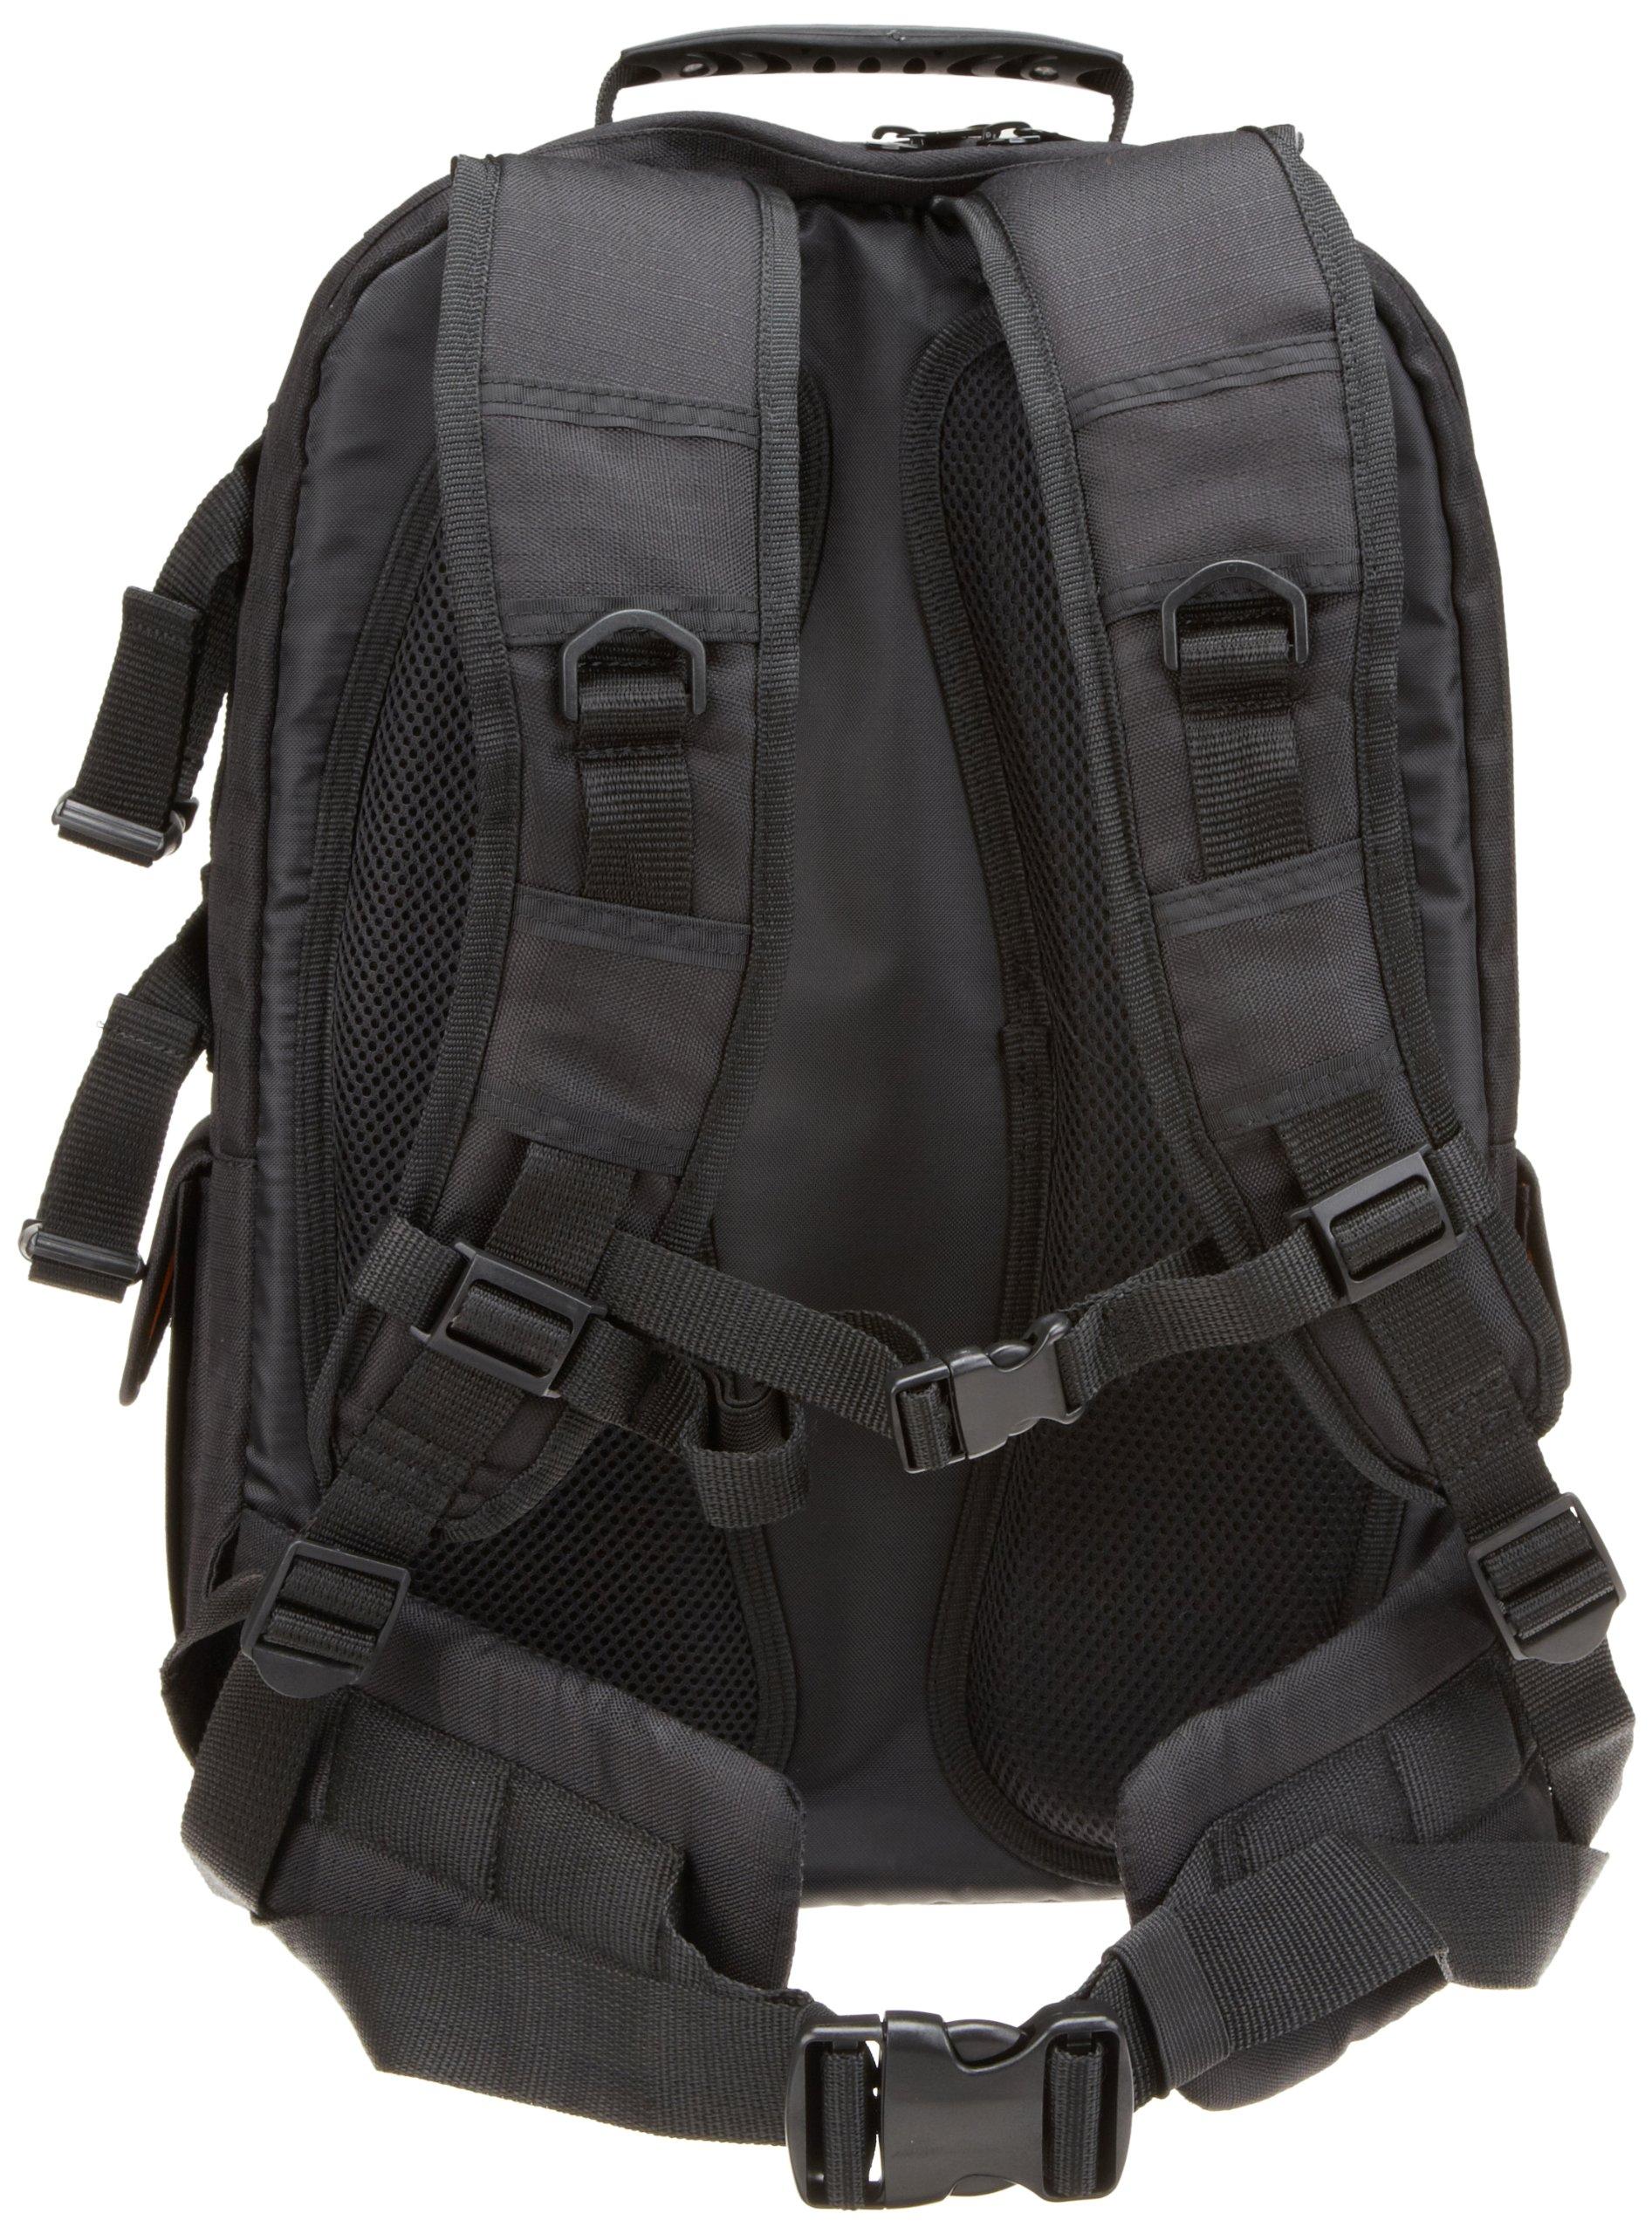 Galleon Amazonbasics Dslr And Laptop Backpack Orange